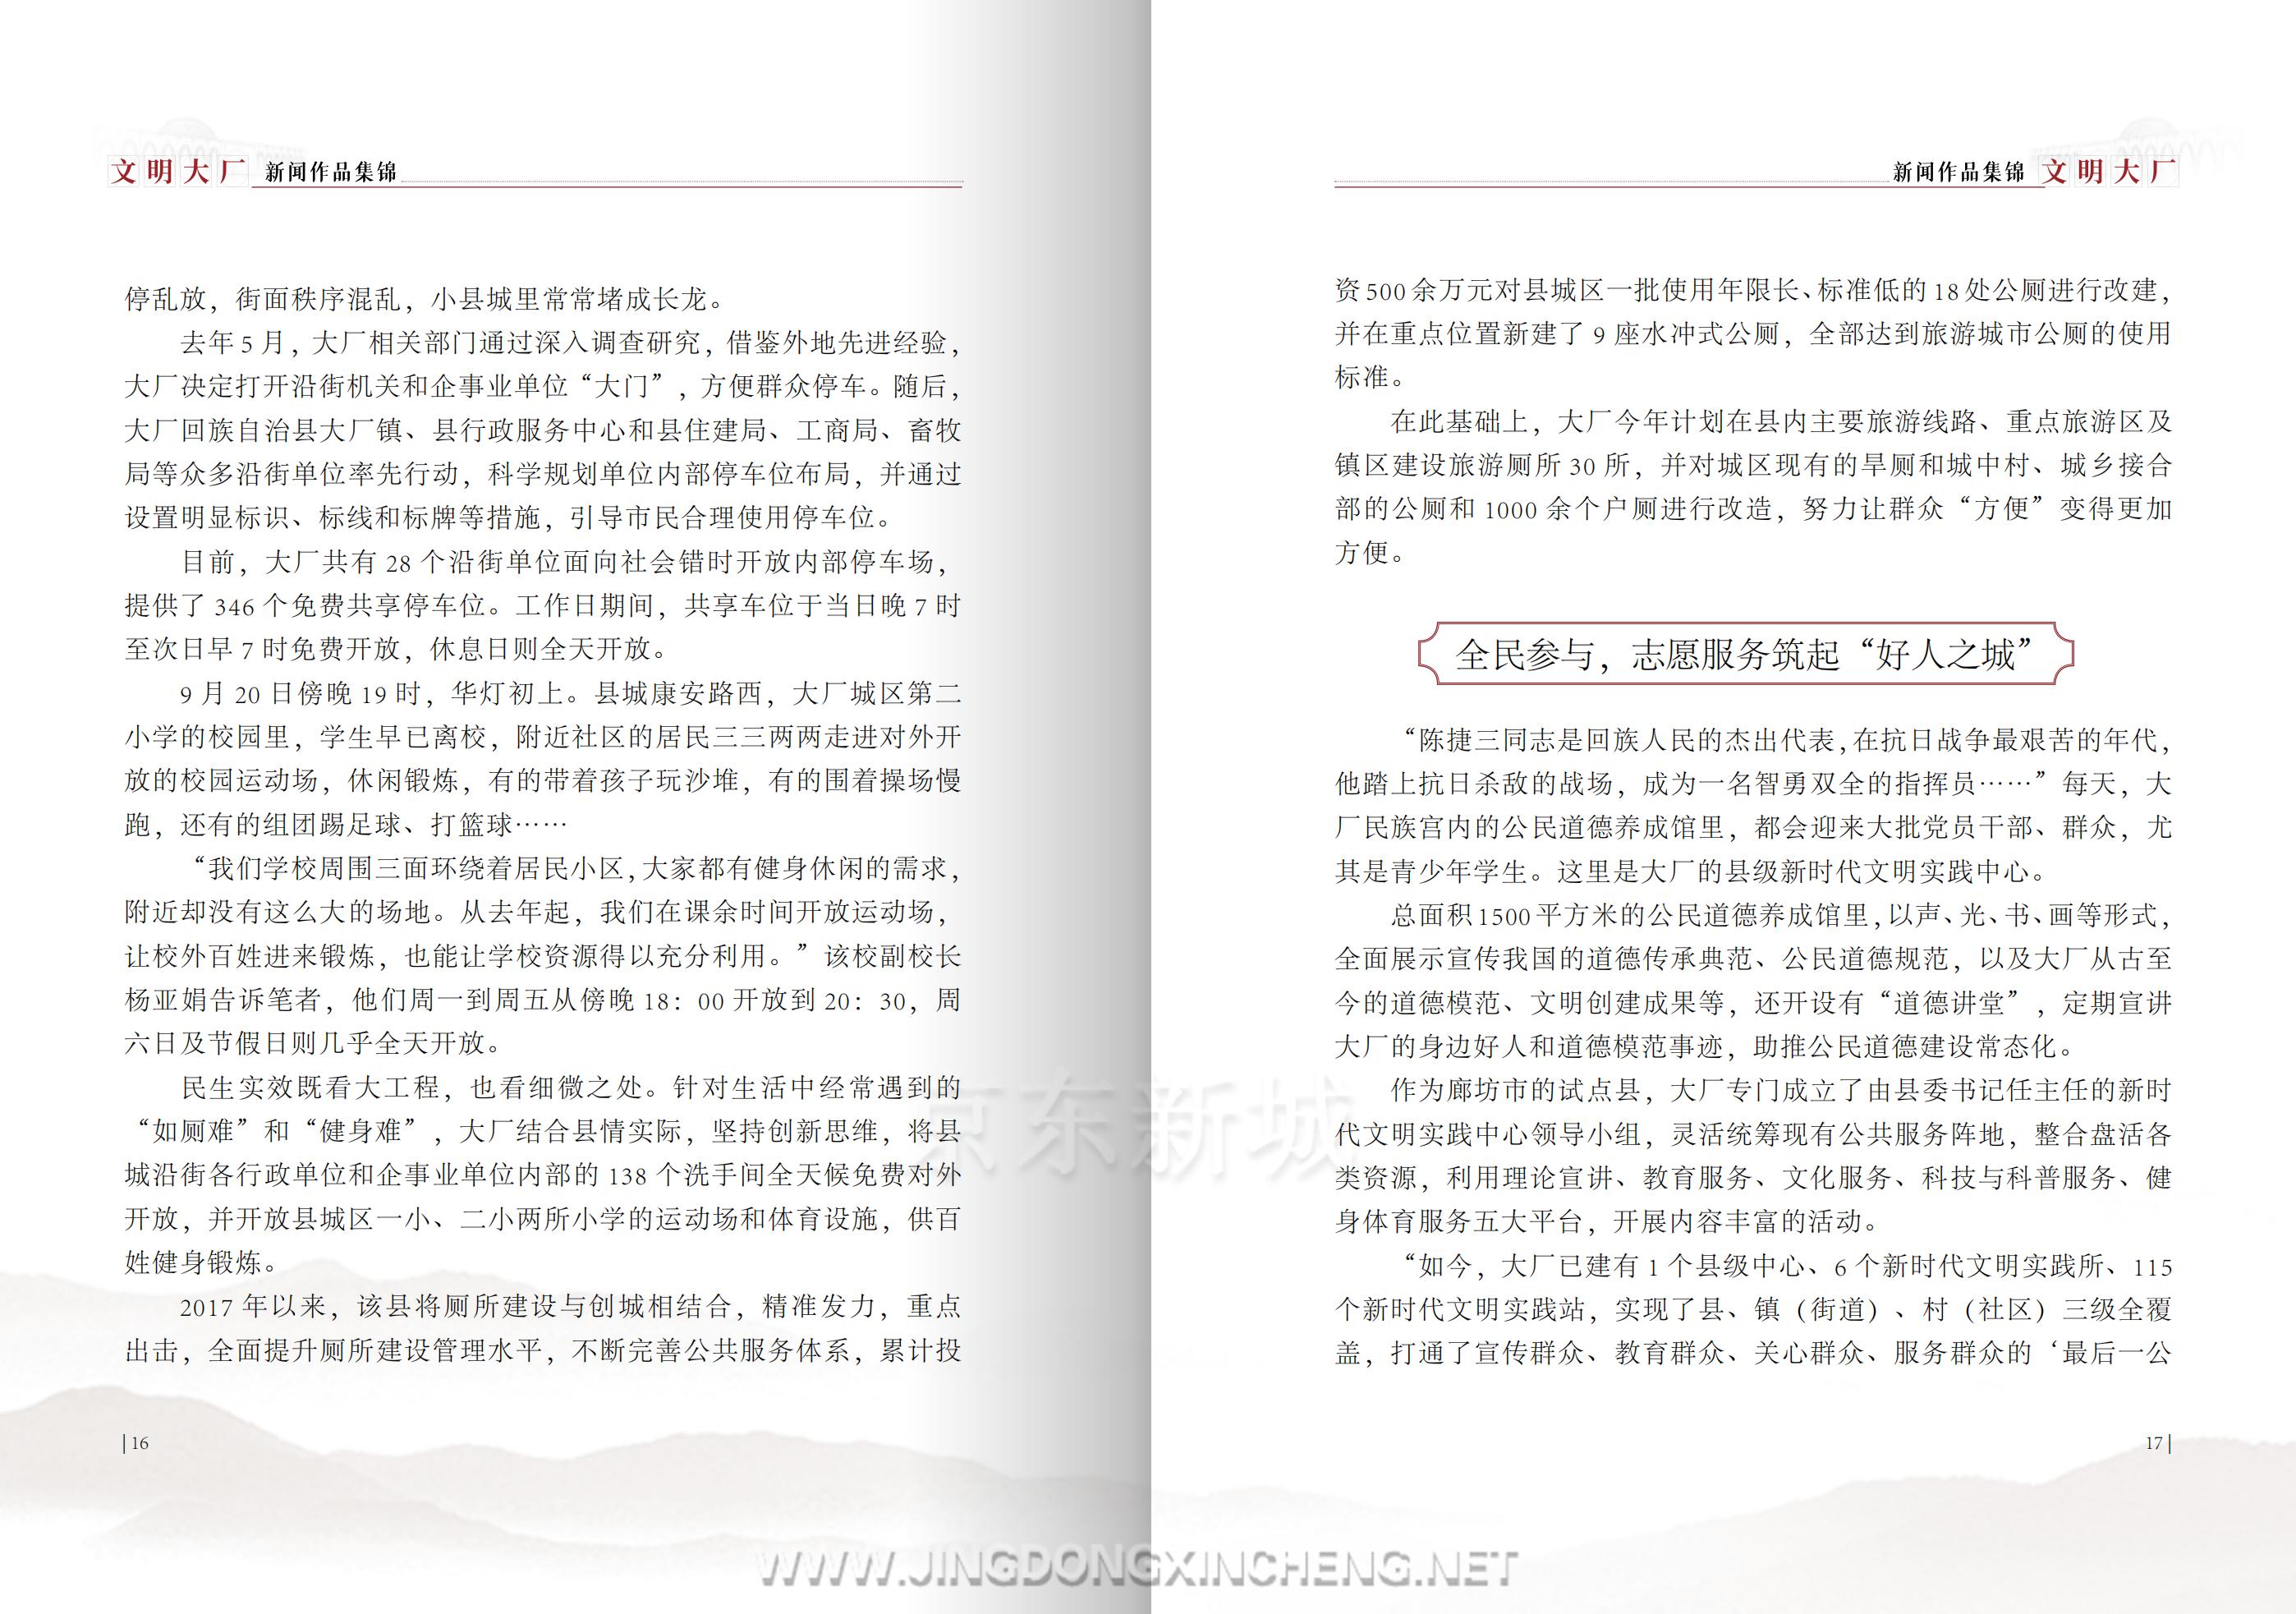 文明大厂书籍-定稿-上传版_12.png